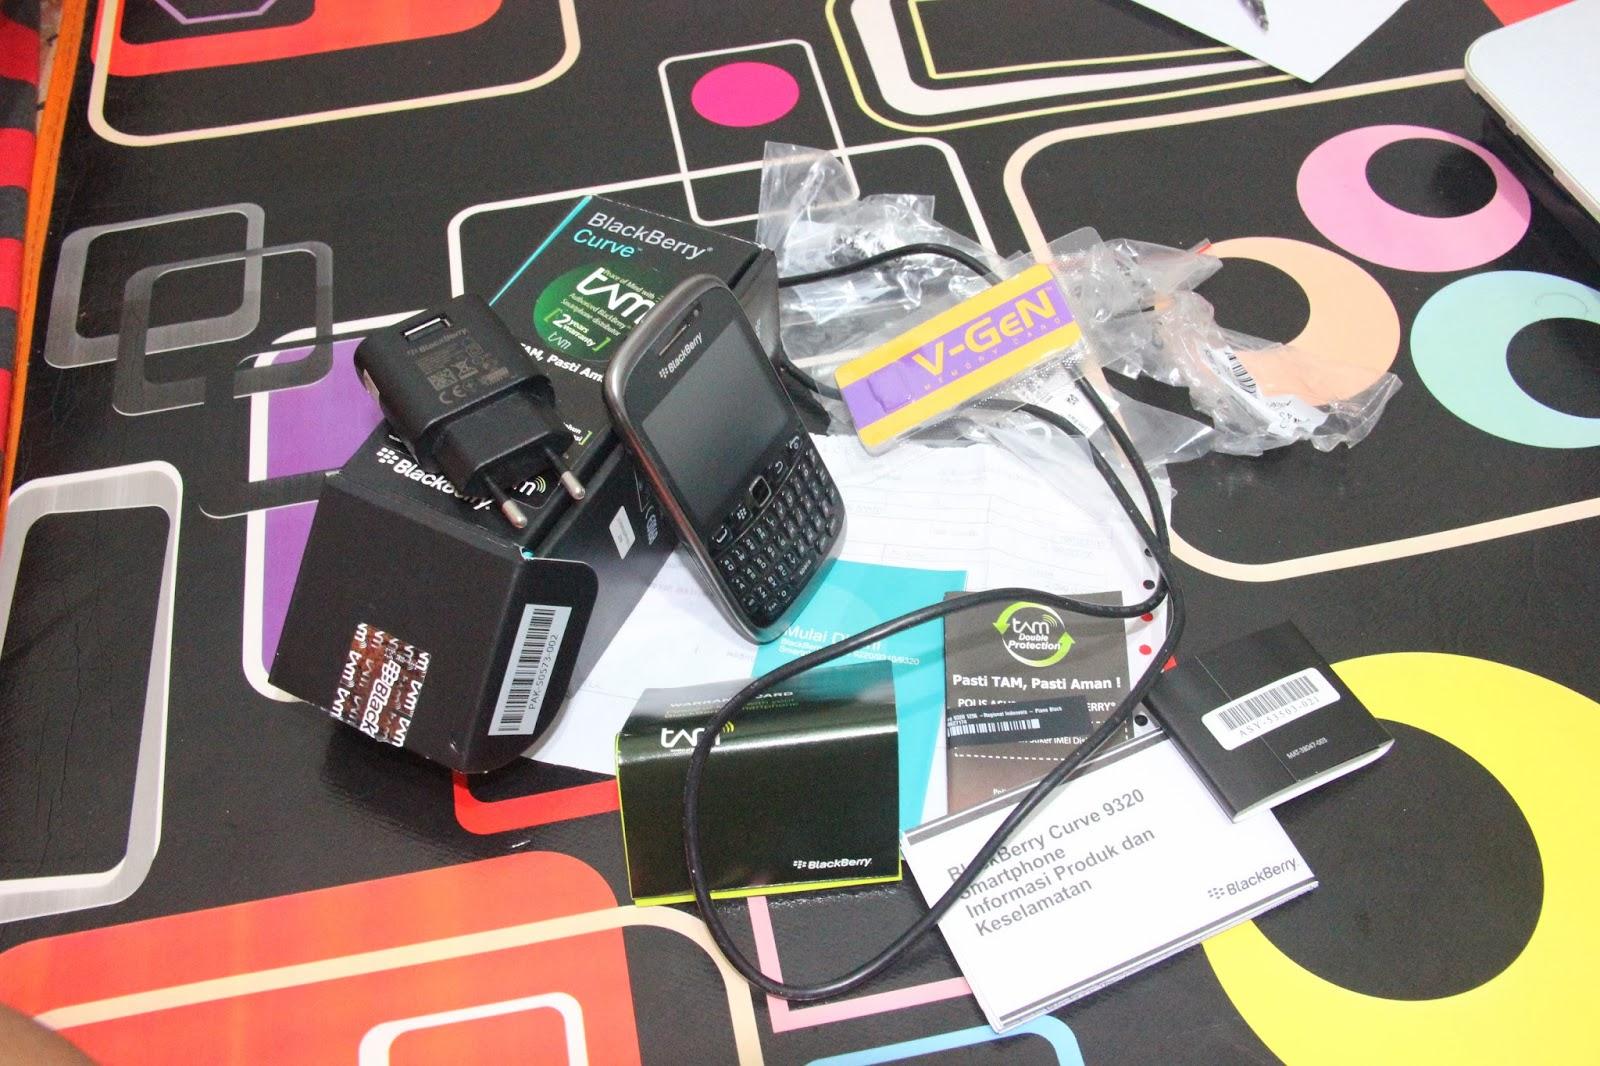 Jual Blackberry 9320 Garansi TAM